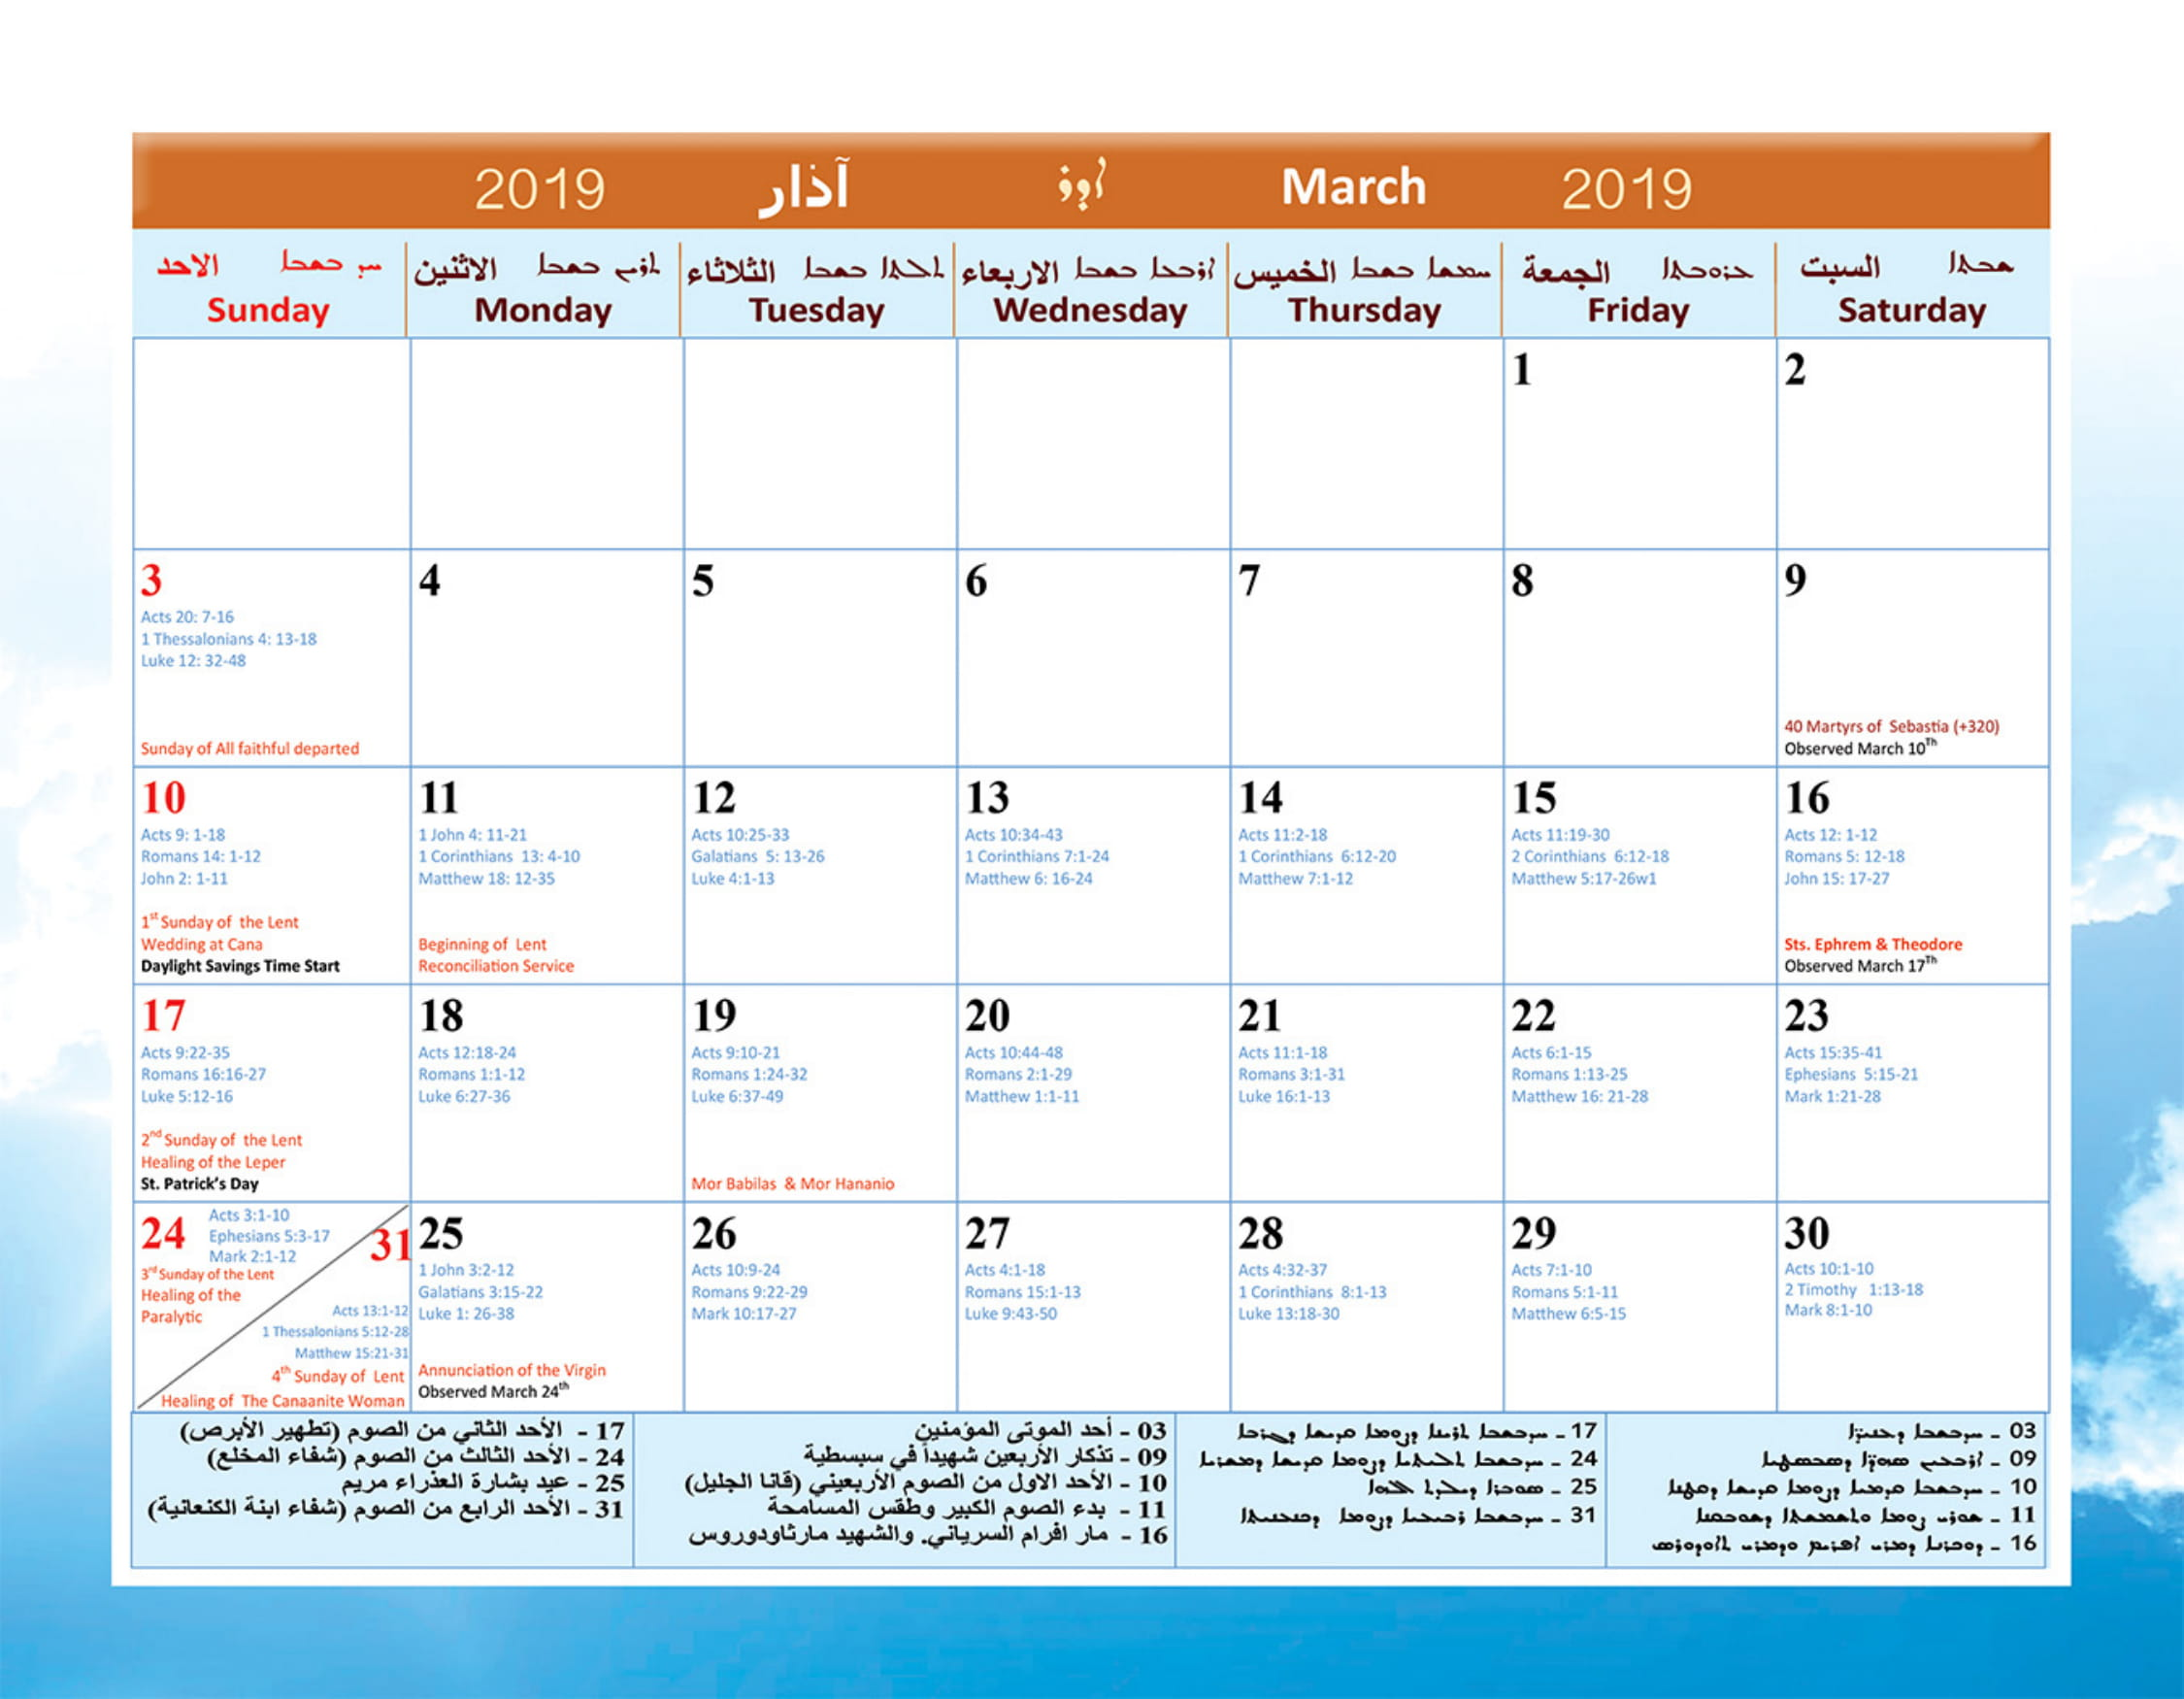 Orthodox Calendar 2019 Syriac Orthodox Church   Archdiocese of the Western United States